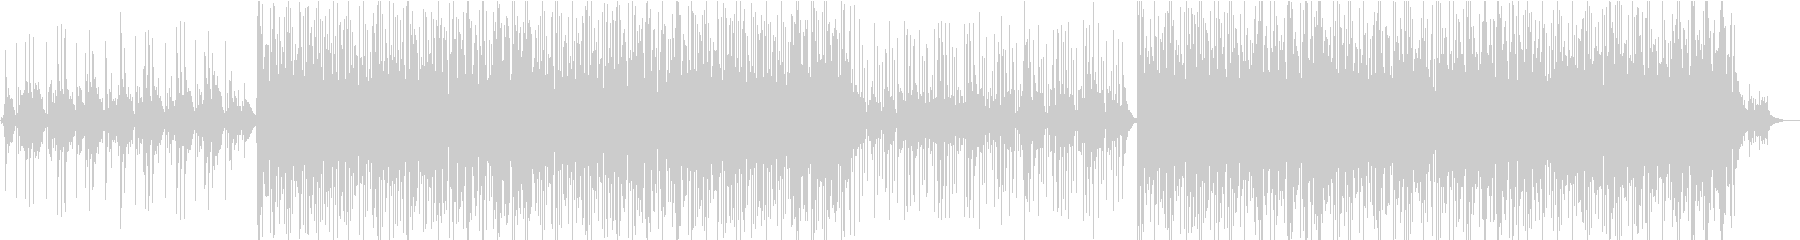 ピアノ+アコギのアコースティックなBGMの未再生の波形